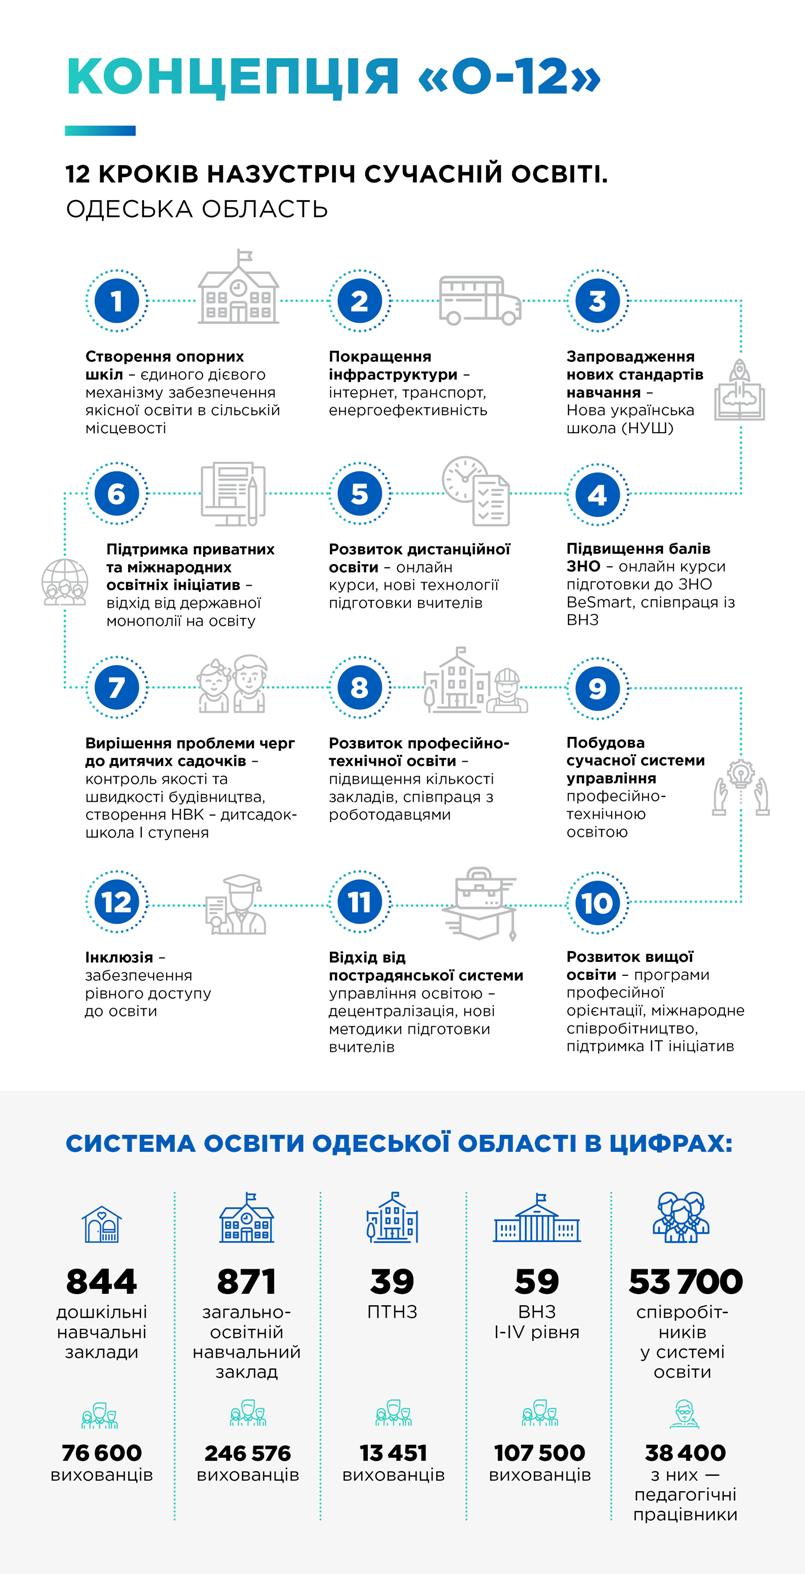 Глава Одесской ОГА представил проект подготовки учителей «нового поколения»